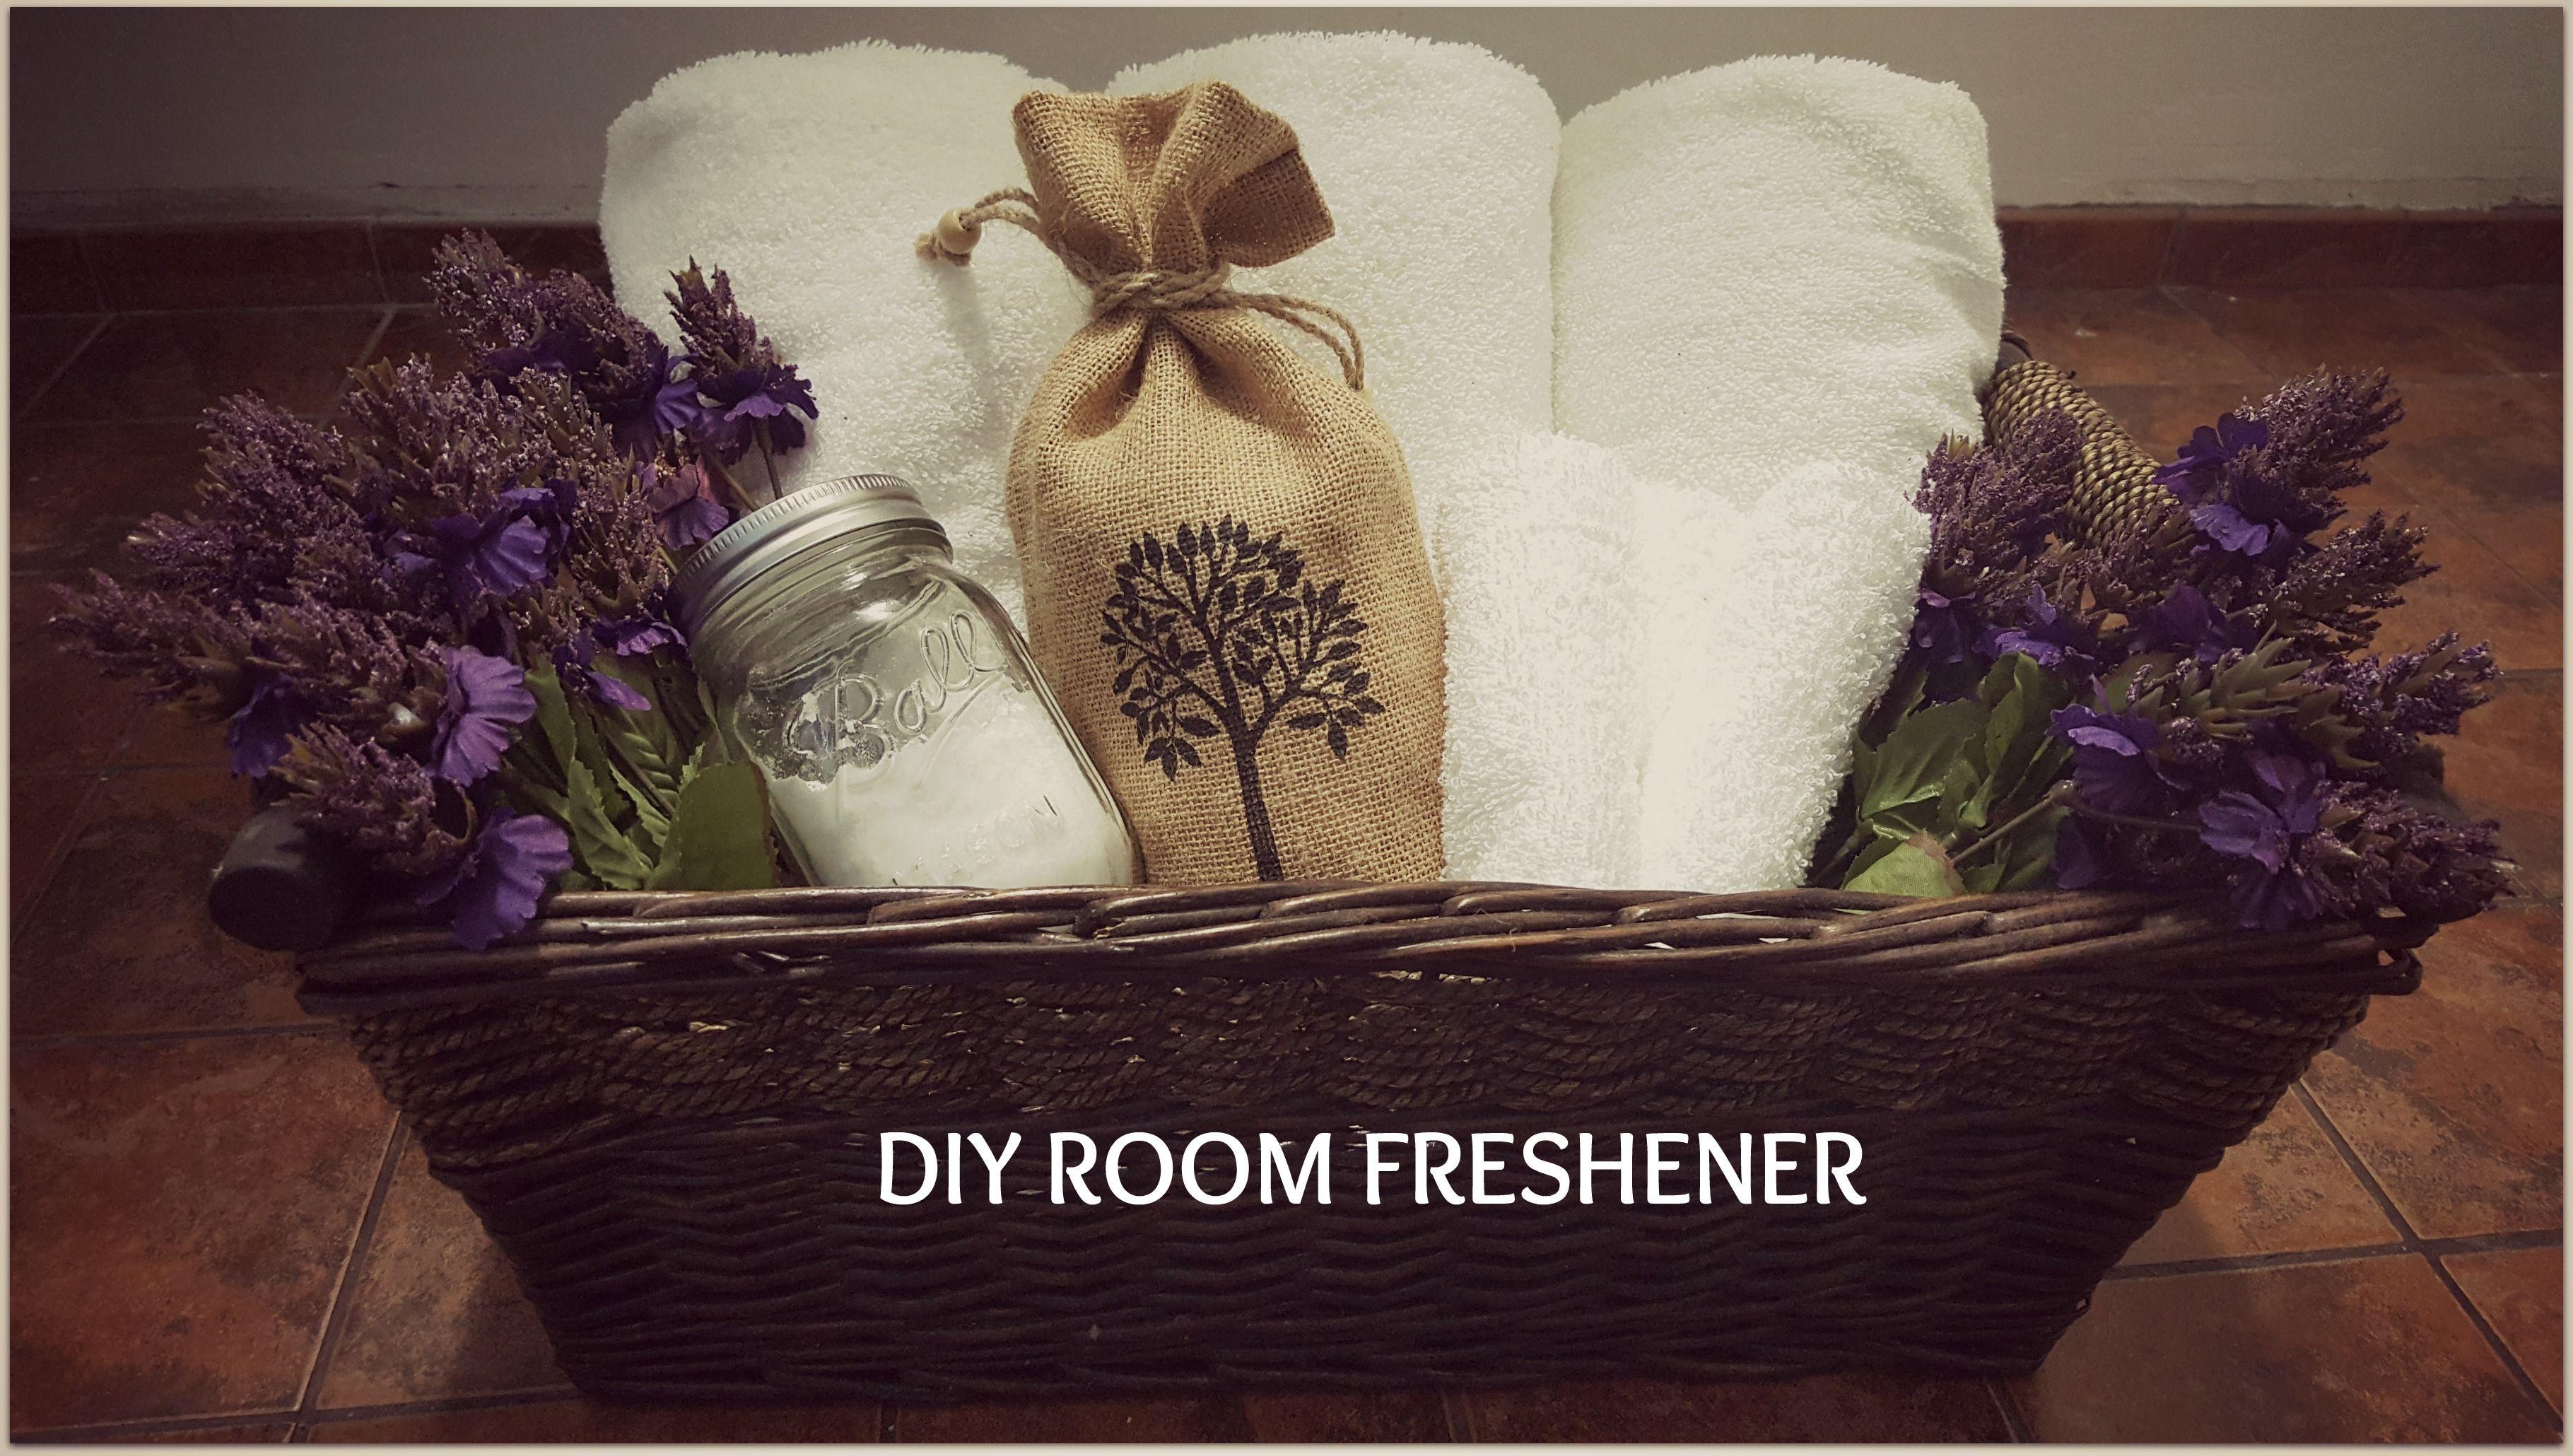 Do your own homemade DIY room freshener.